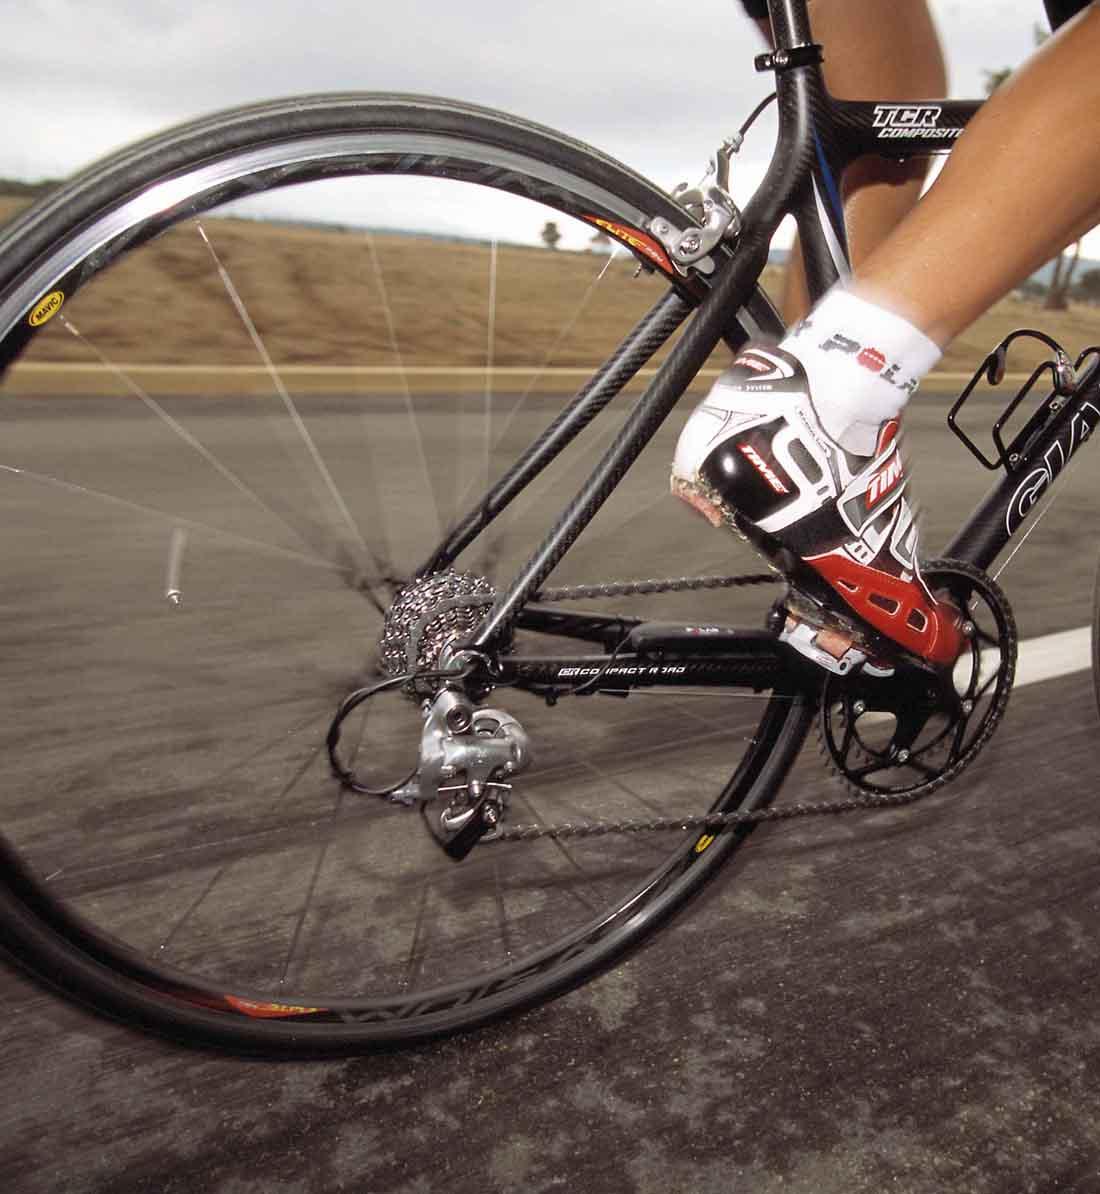 El entrenamiento de bici más efectivo